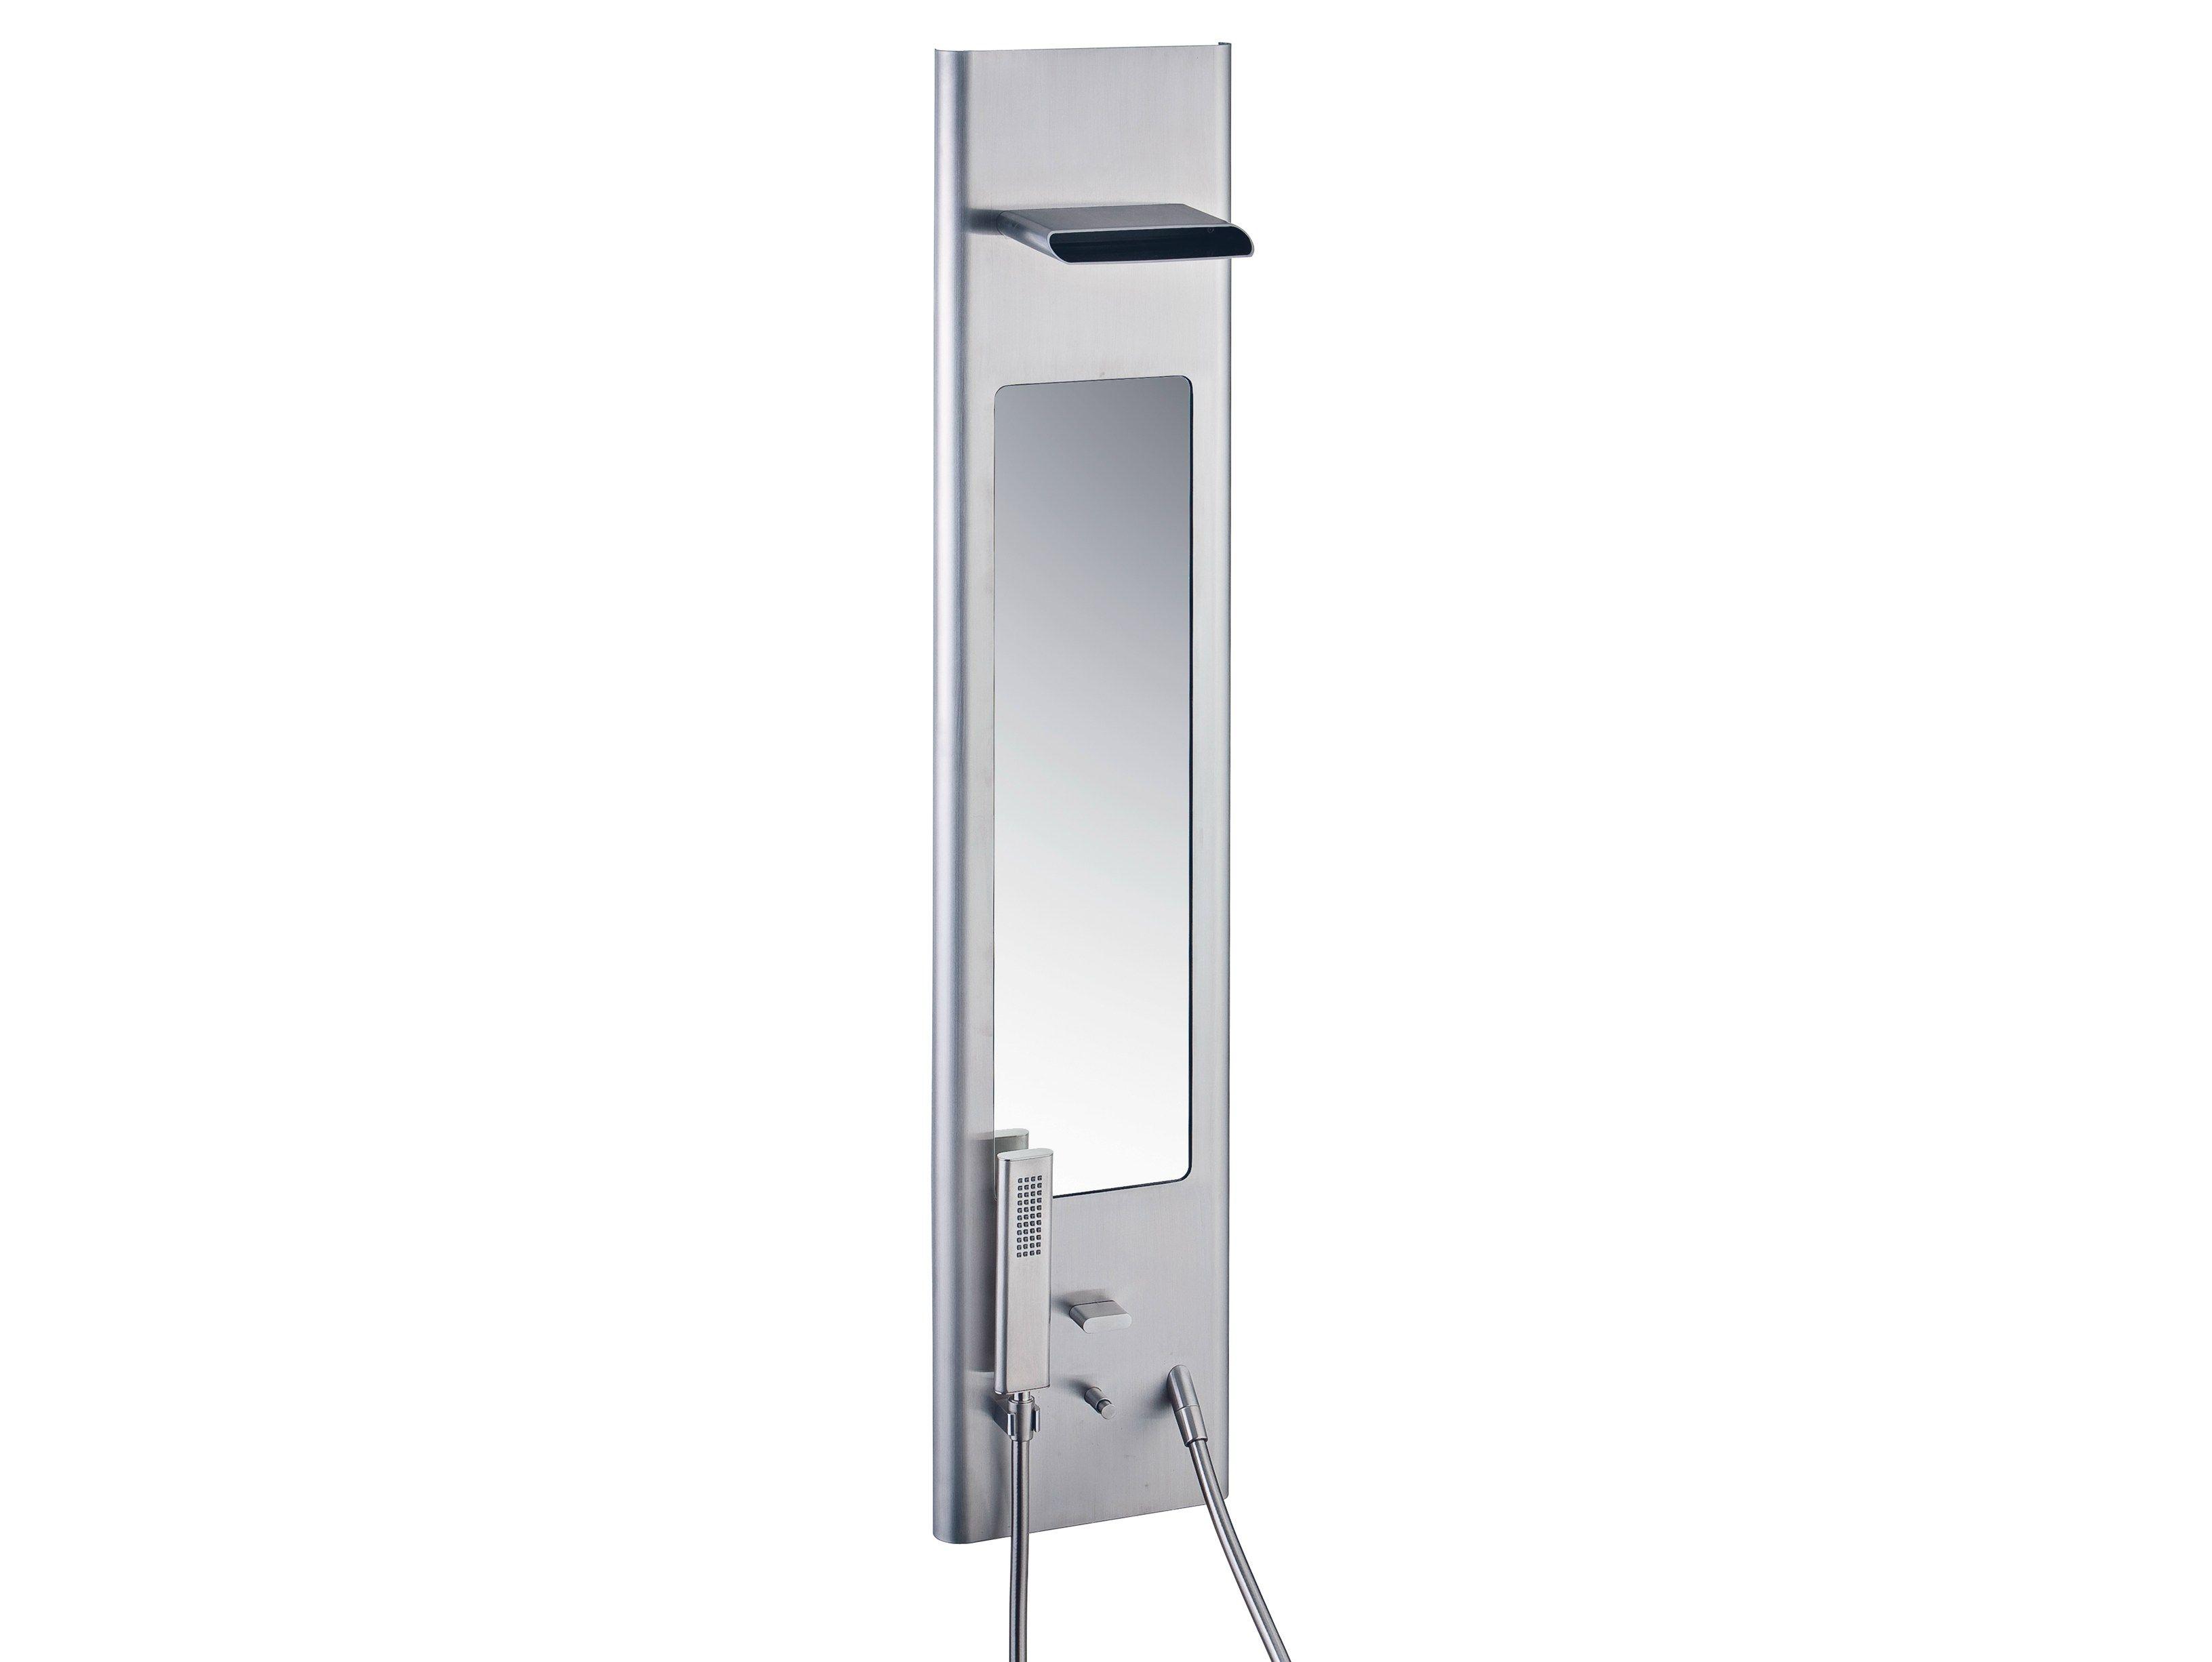 Pao spa colonne de douche by rubinetterie 3m design giancarlo vegni - Colonne de douche avec led ...